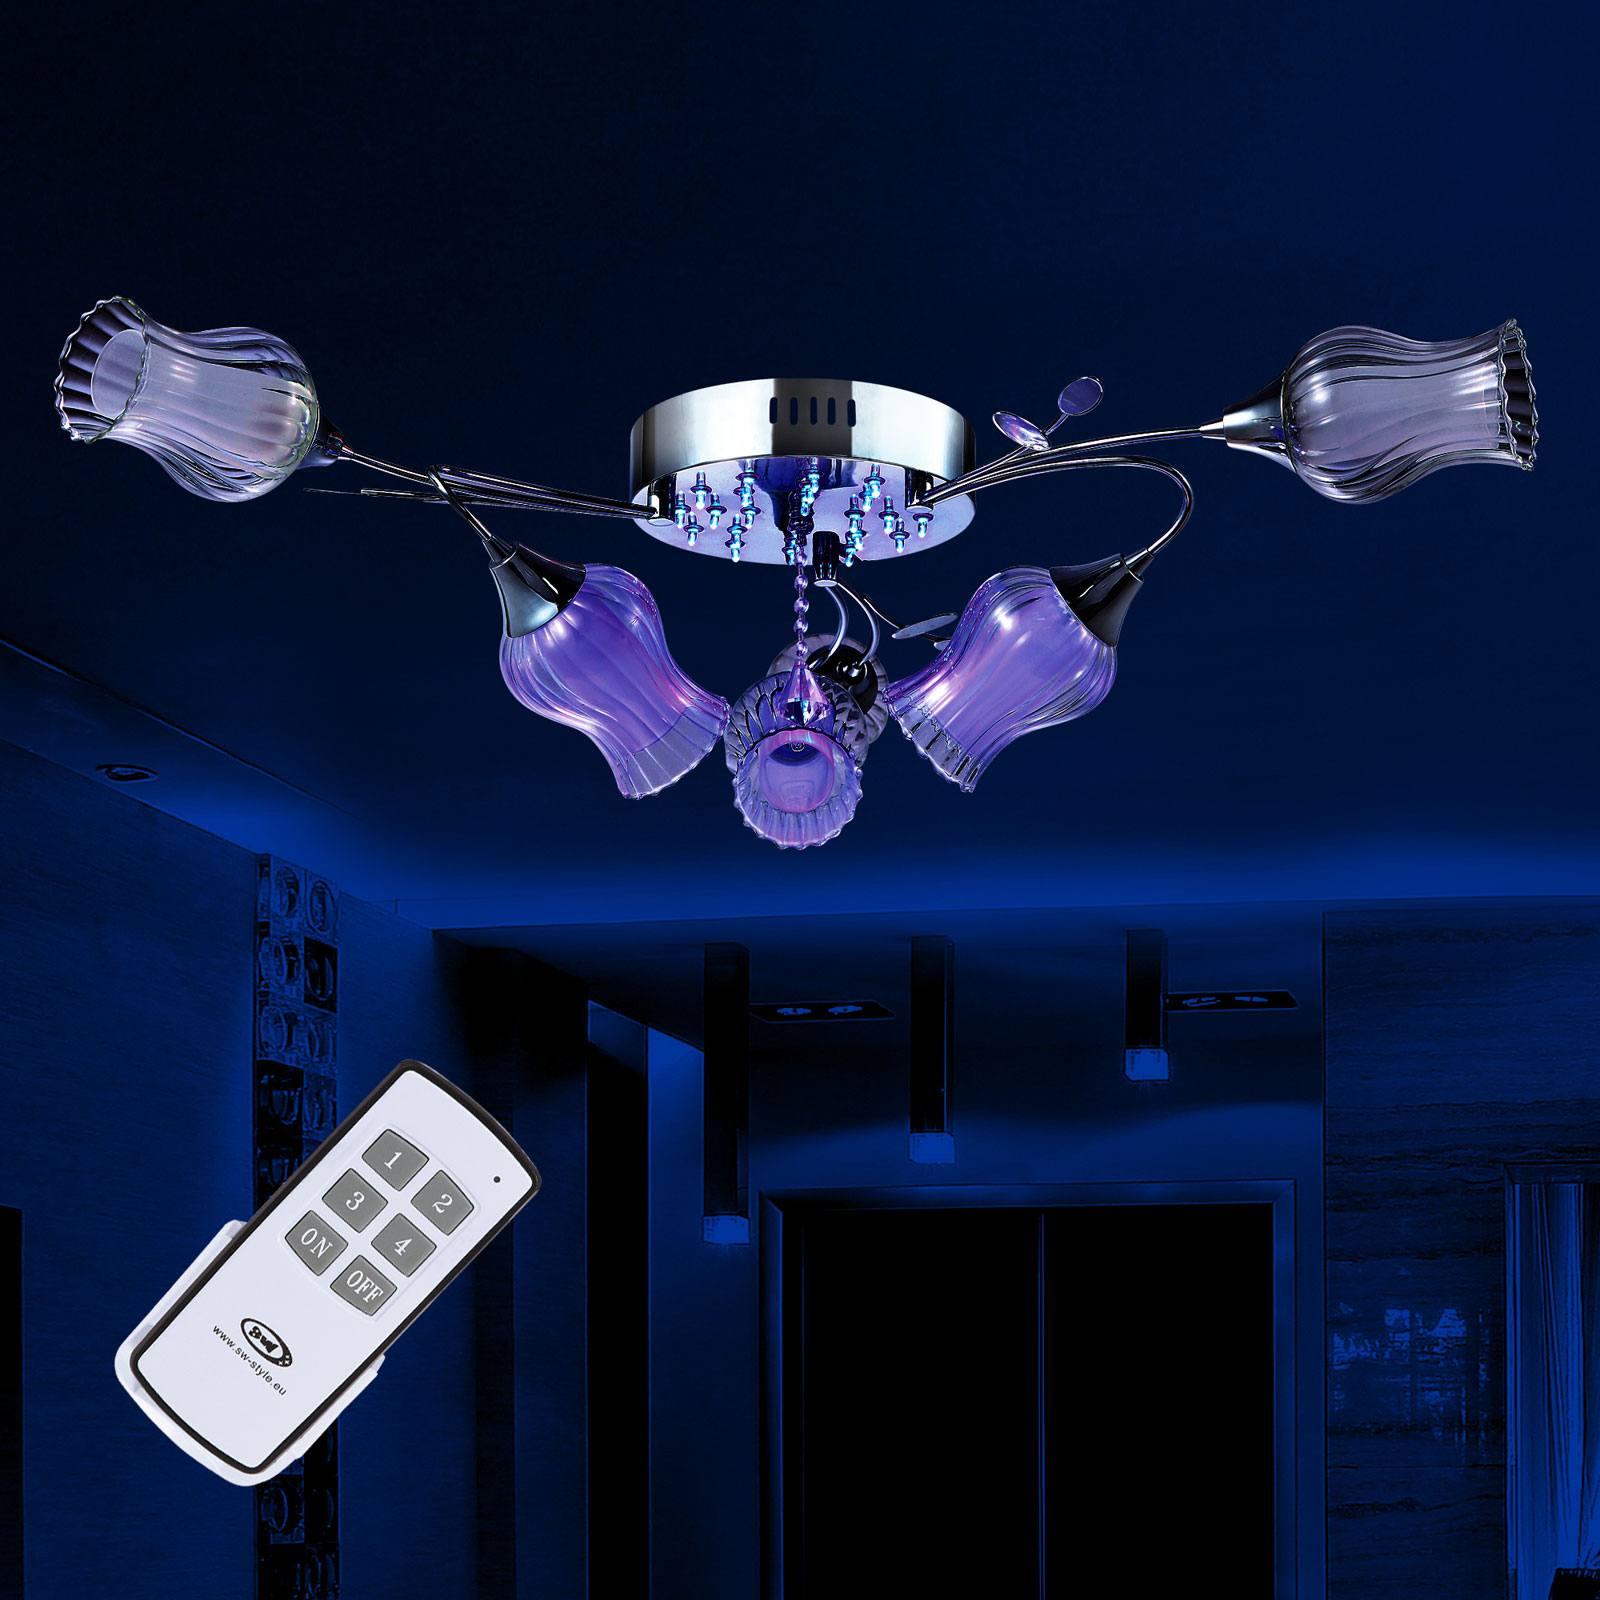 Full Size of Deckenleuchte Led Wohnzimmer Dimmbar Obi Deckenleuchten Amazon Wohnzimmerlampe Farbwechsel Poco Wohnzimmerleuchten Bilder Einbau Moderne Dimmbare Lampe Ring Wohnzimmer Deckenleuchte Led Wohnzimmer